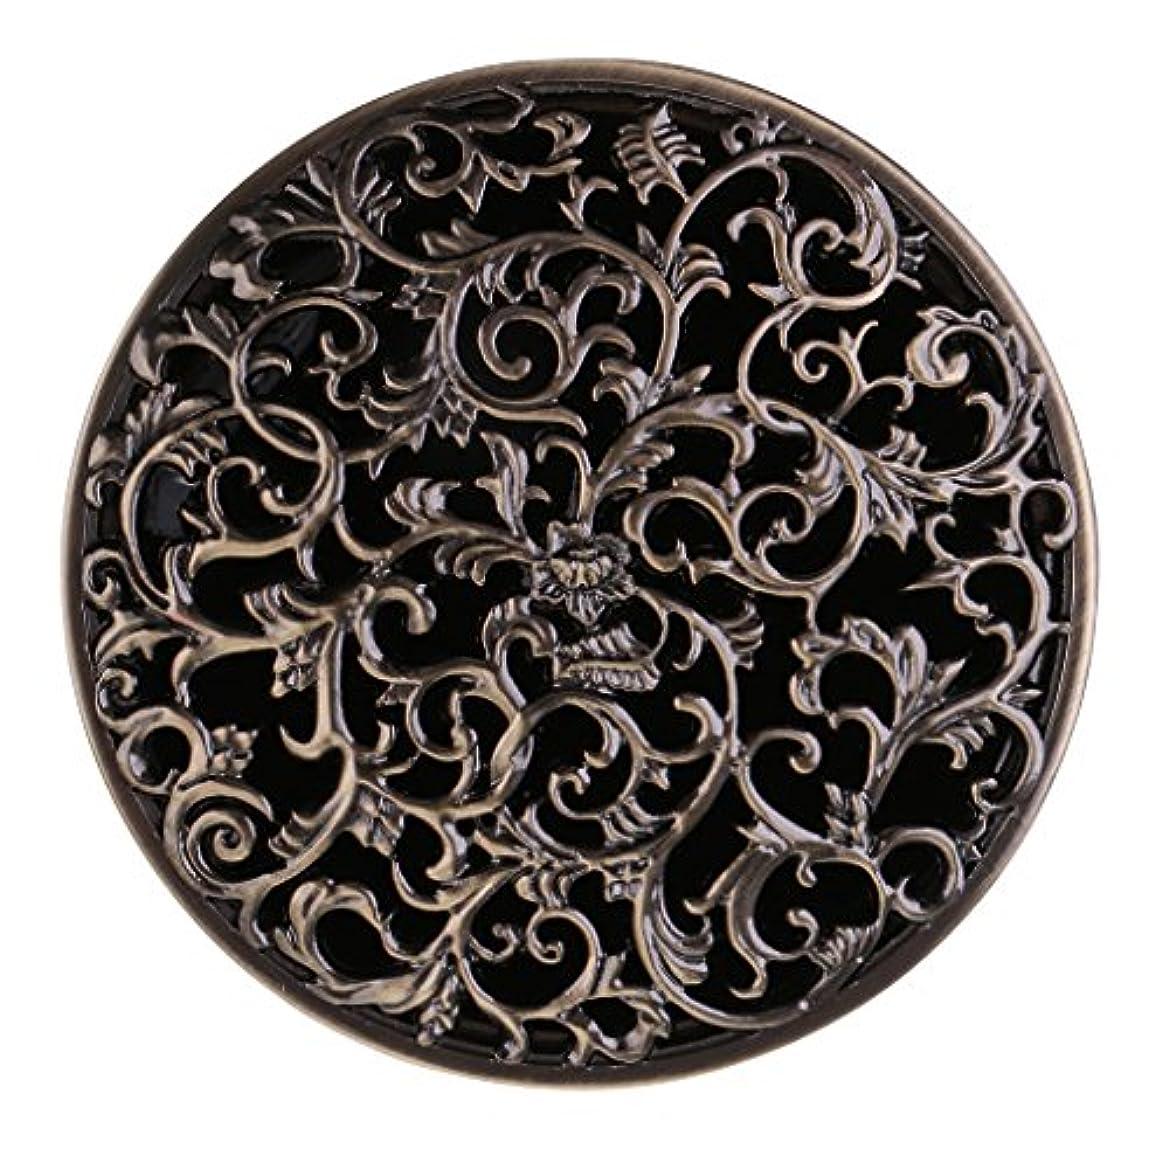 葡萄香ばしいストライドBaoblaze チベット 合金 香炉 コーンホルダー 仏教 香りバーナー ボックス 家 装飾 全3色   - ブロンズ